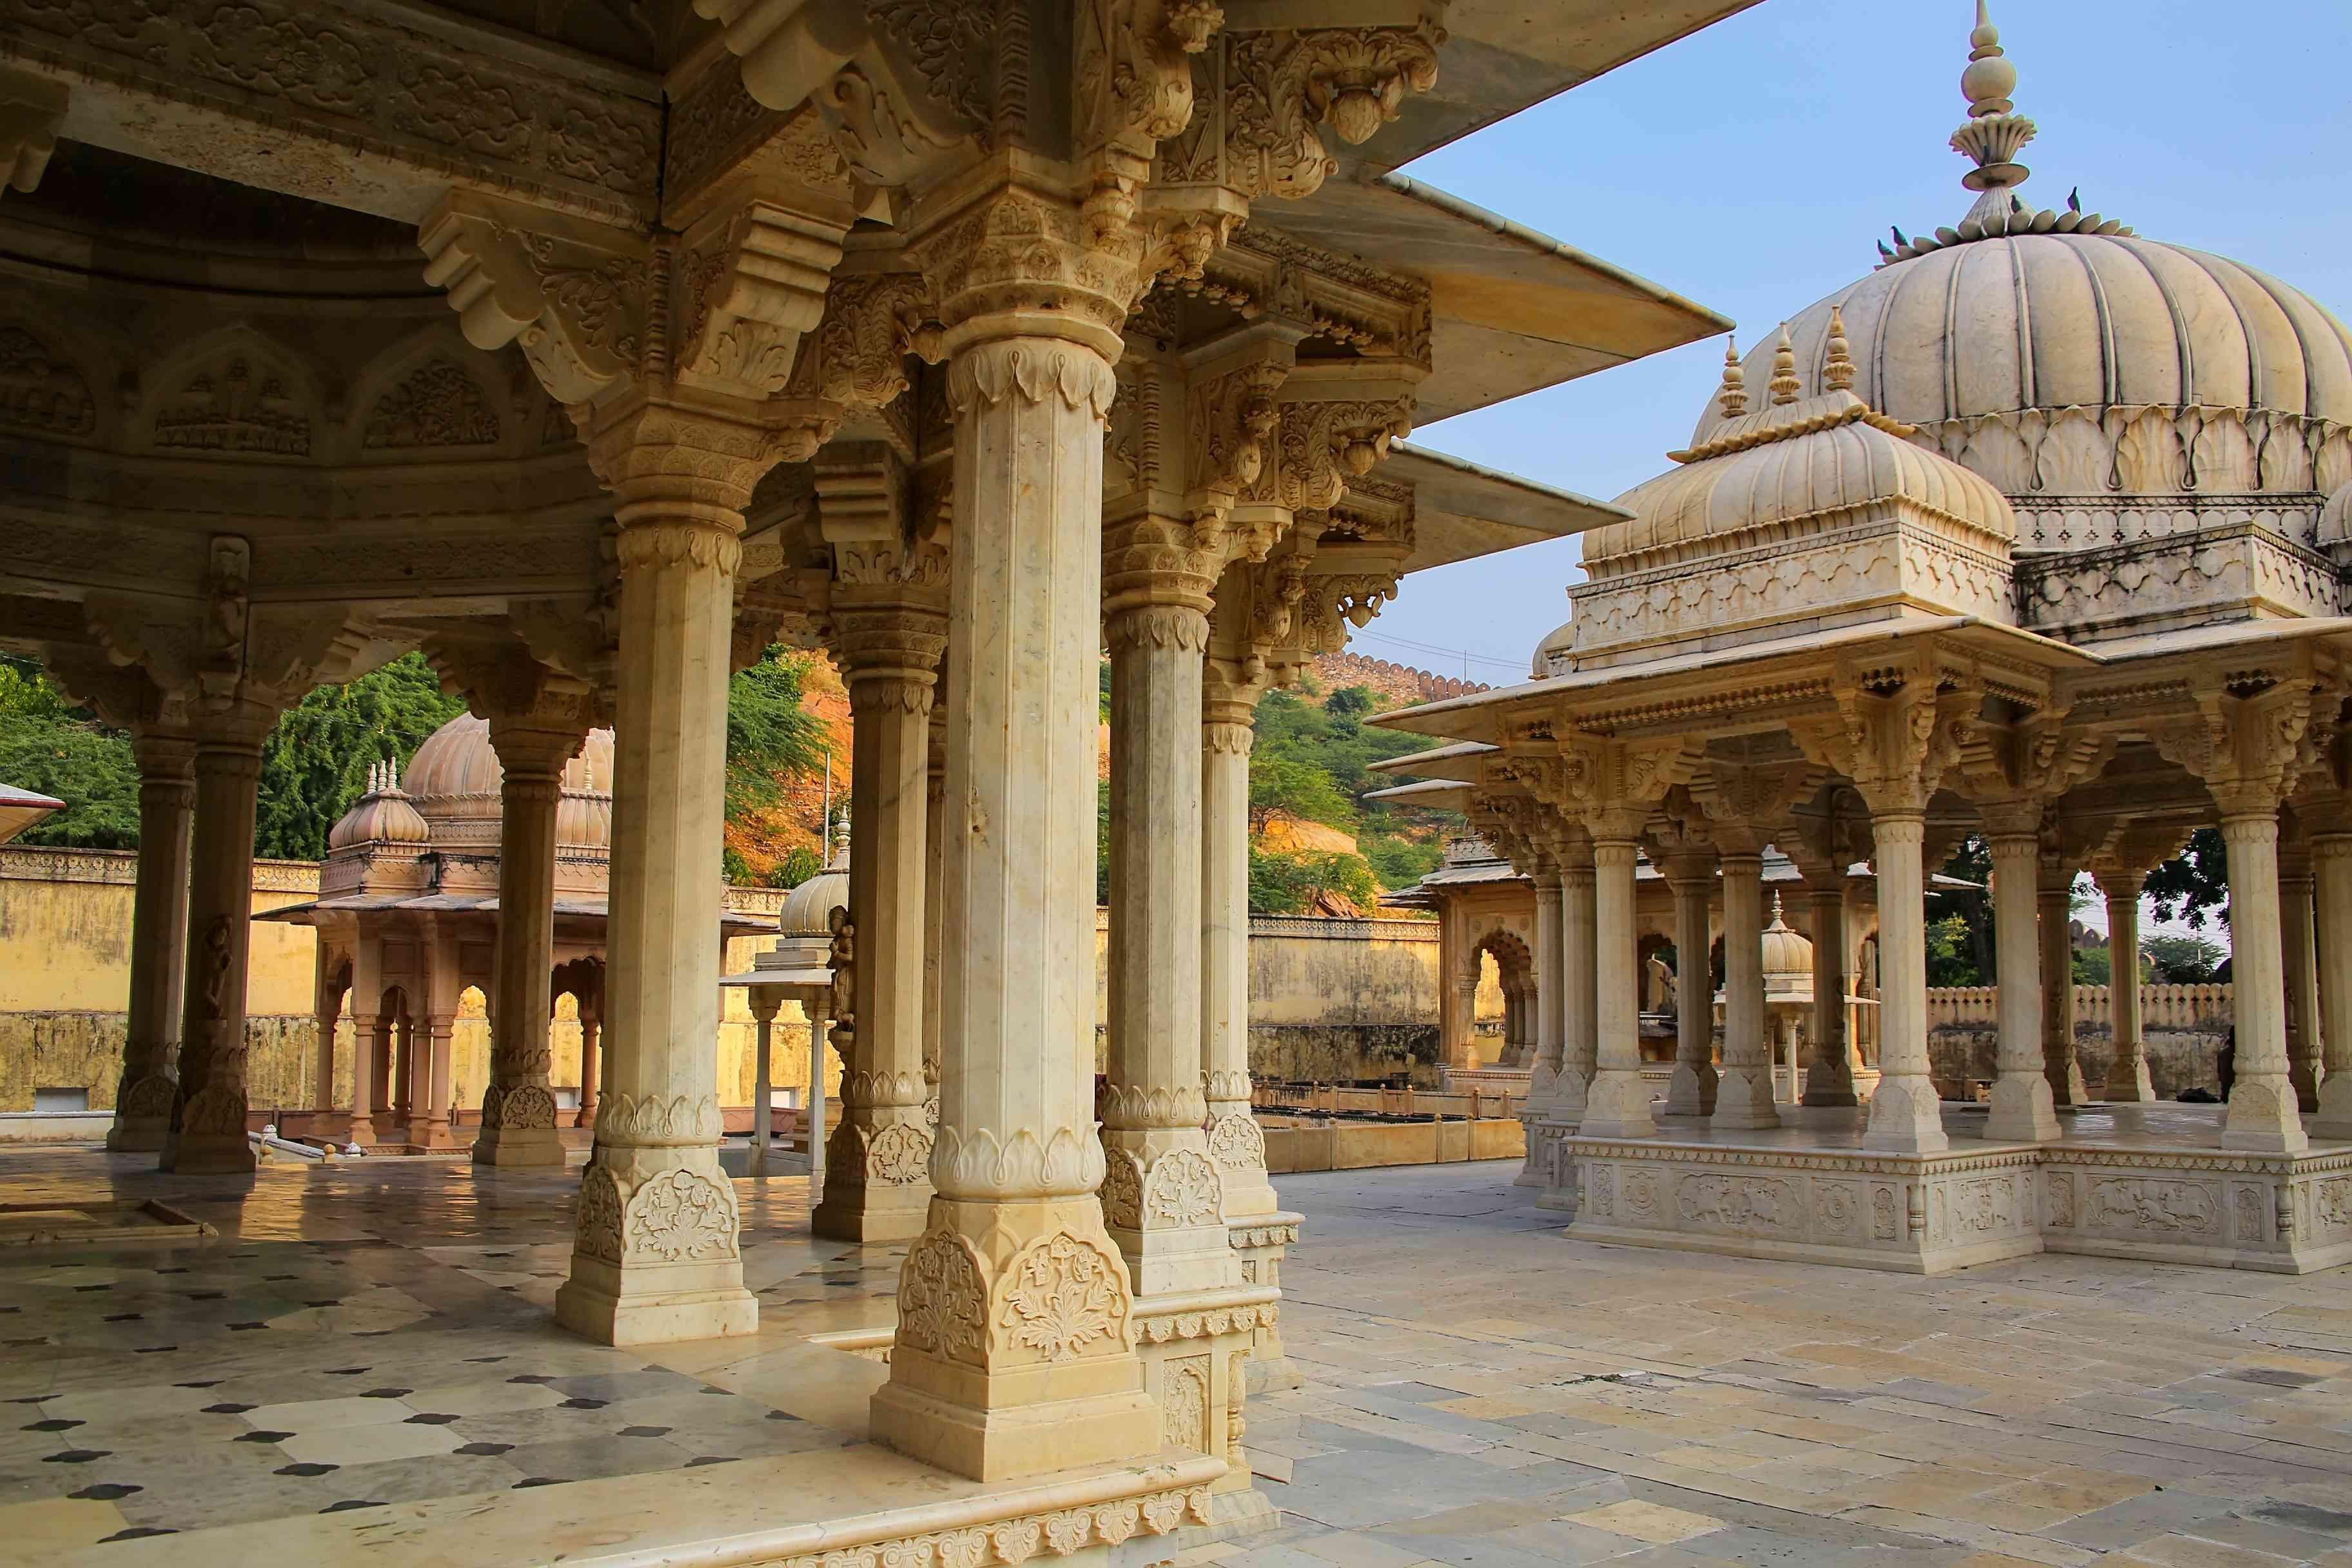 Royal cenotaphs, Jaipur.